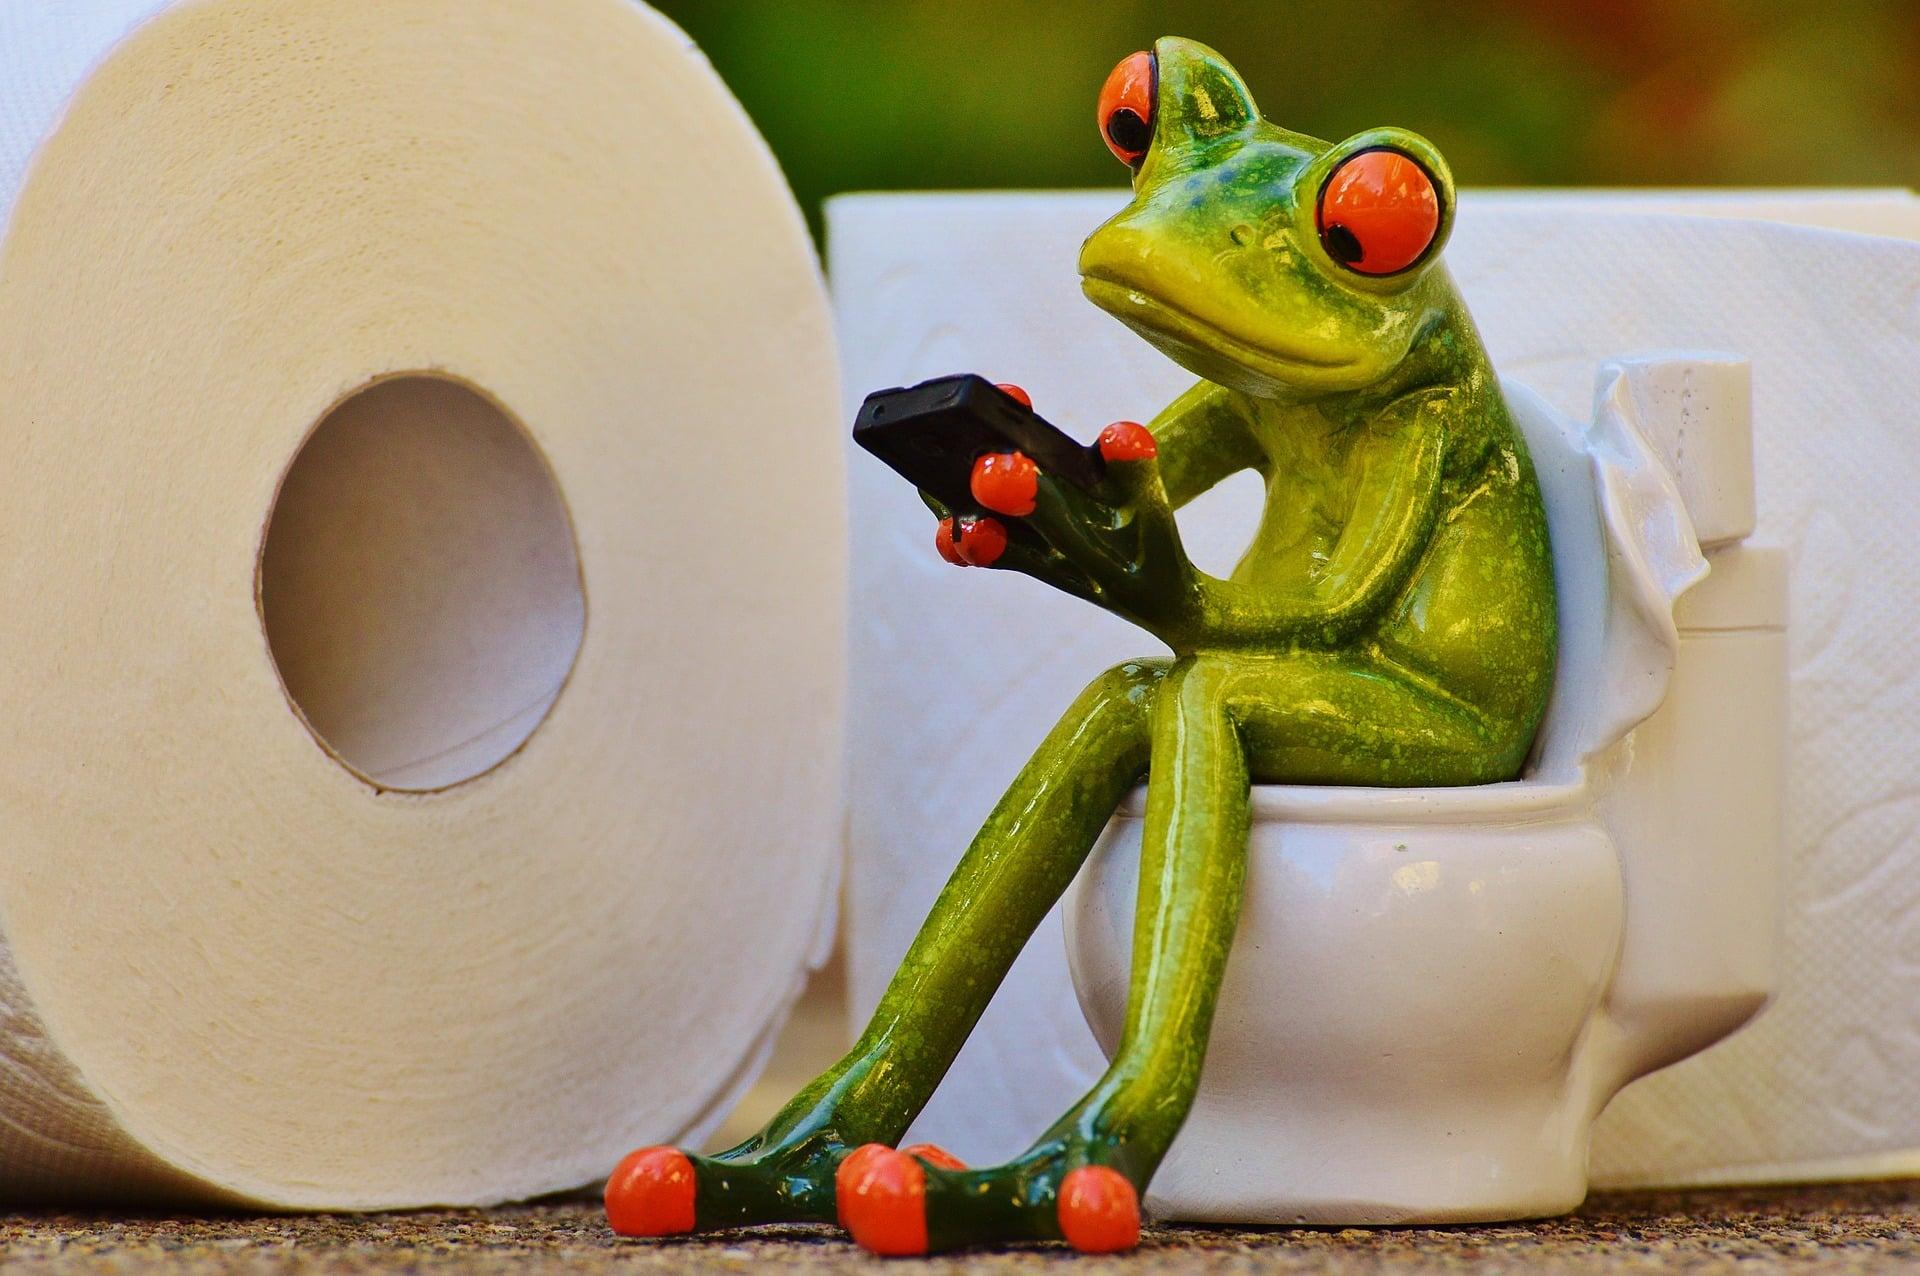 grenouille sur une toilette